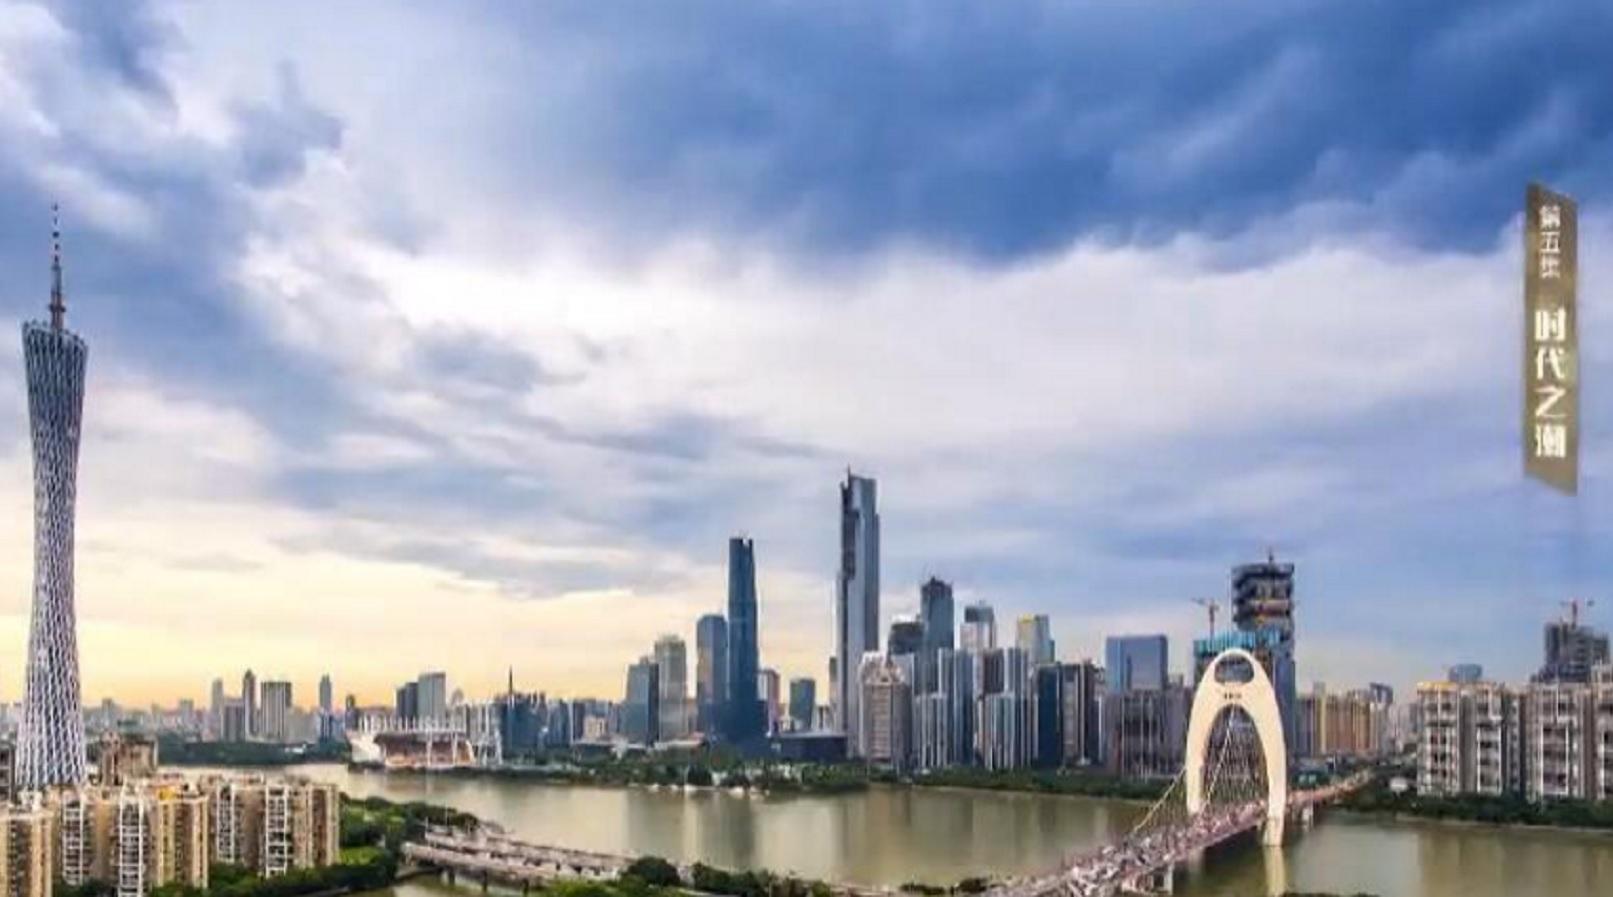 《筑梦之路》⑤丨2018年,山东重整行装再出发 以新旧动能转换加速高质量发展